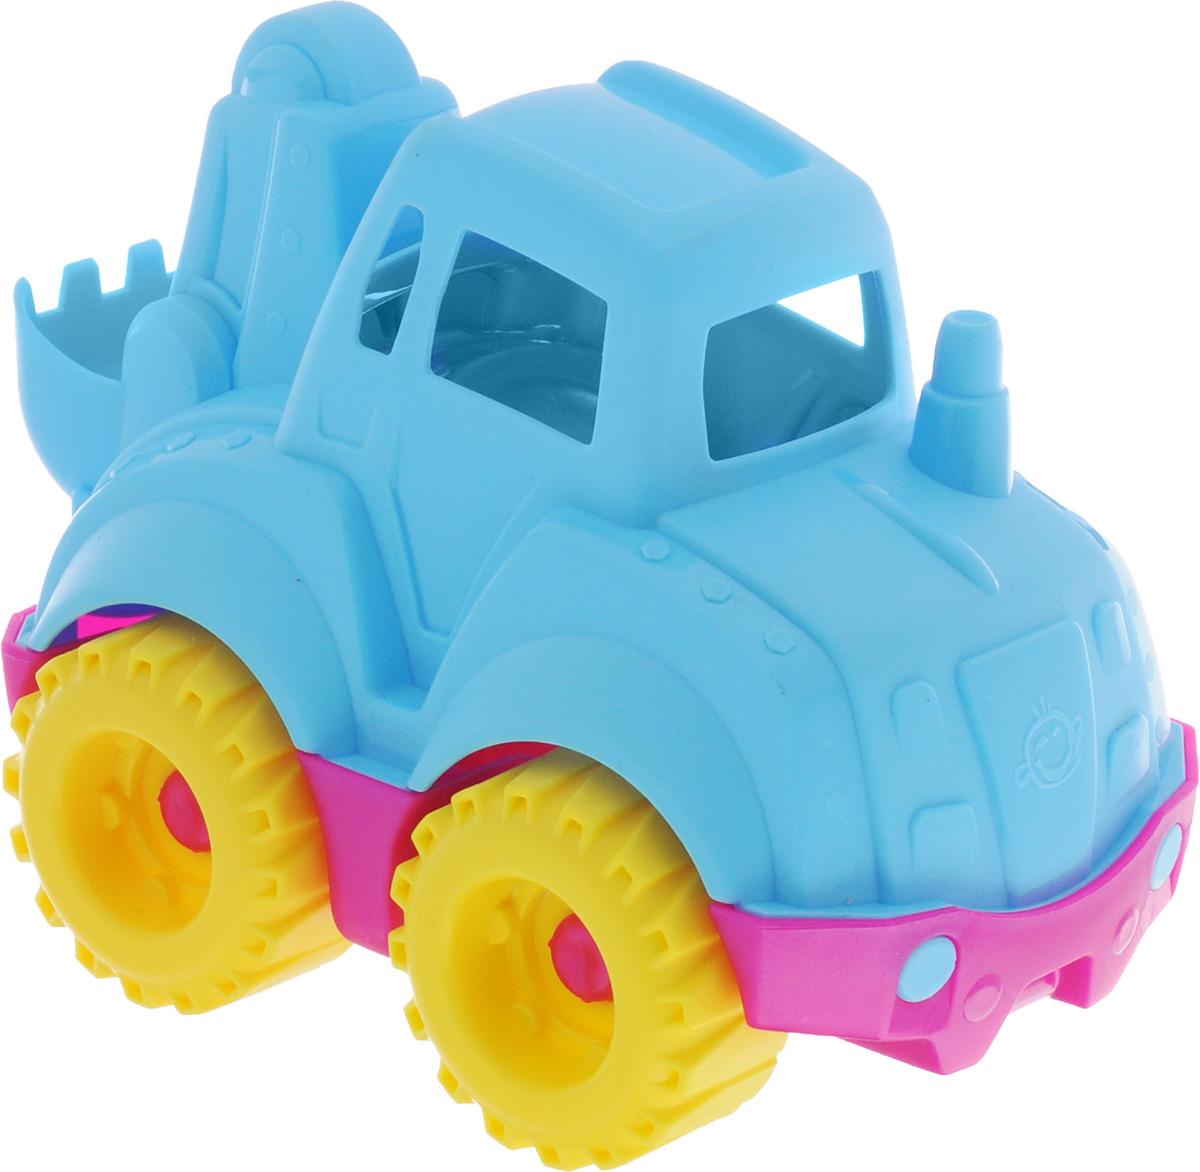 Нордпласт Трактор Шкода цвет голубойШКД11Трактор Нордпласт Шкода - это идеальный выбор для увлекательных игр на свежем воздухе или в помещении. Яркие и приятные цвета игрушки привлекут внимание ребенка. Колеса трактора имеют свободный ход, его можно катать по любой поверхности. Игры с этой машинкой способствуют развитию воображения, мышления, мелкой моторики рук и координации движений. Игрушка изготовлена из нетоксичного и качественного пластика, полностью безопасна для ребенка.